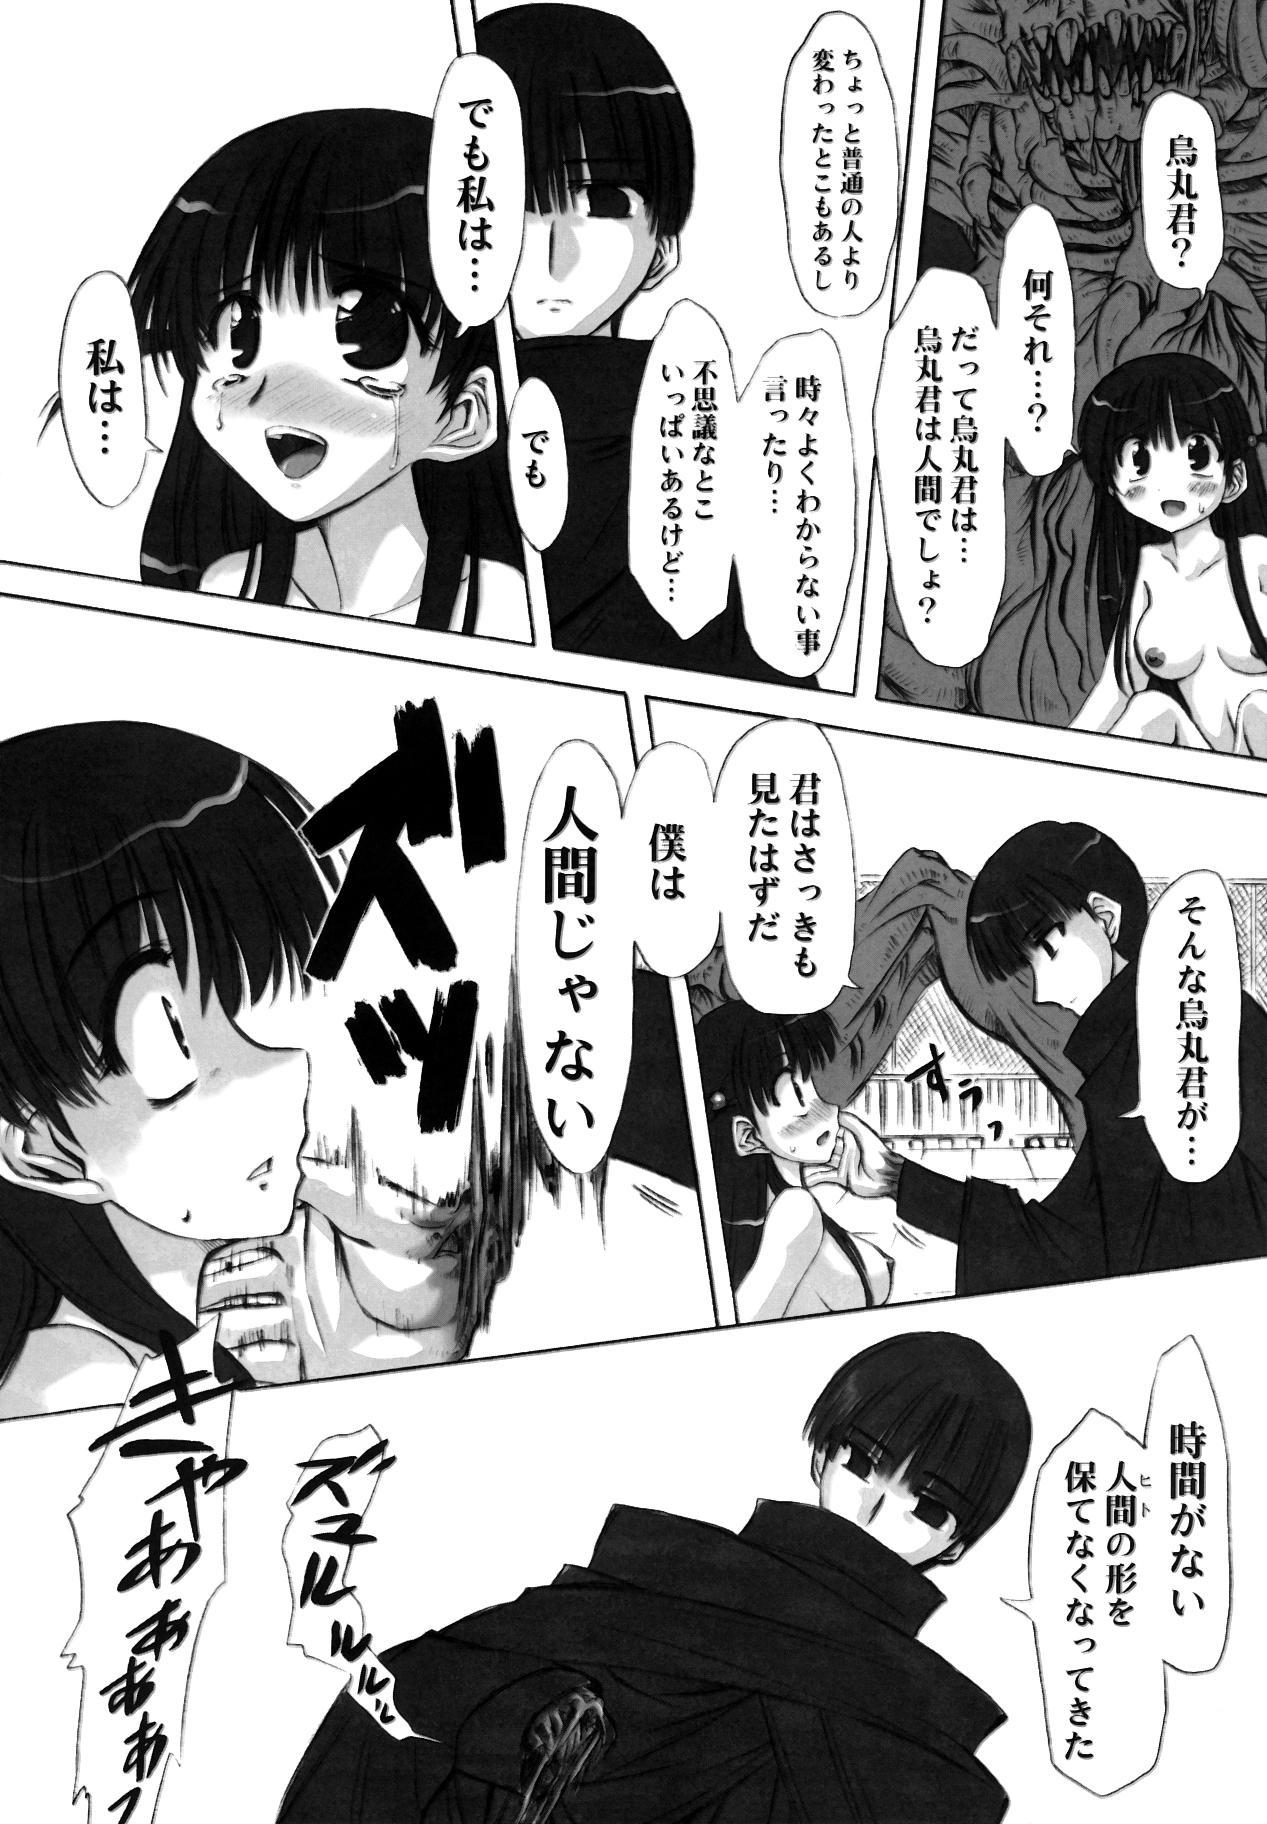 Rinshoku 28